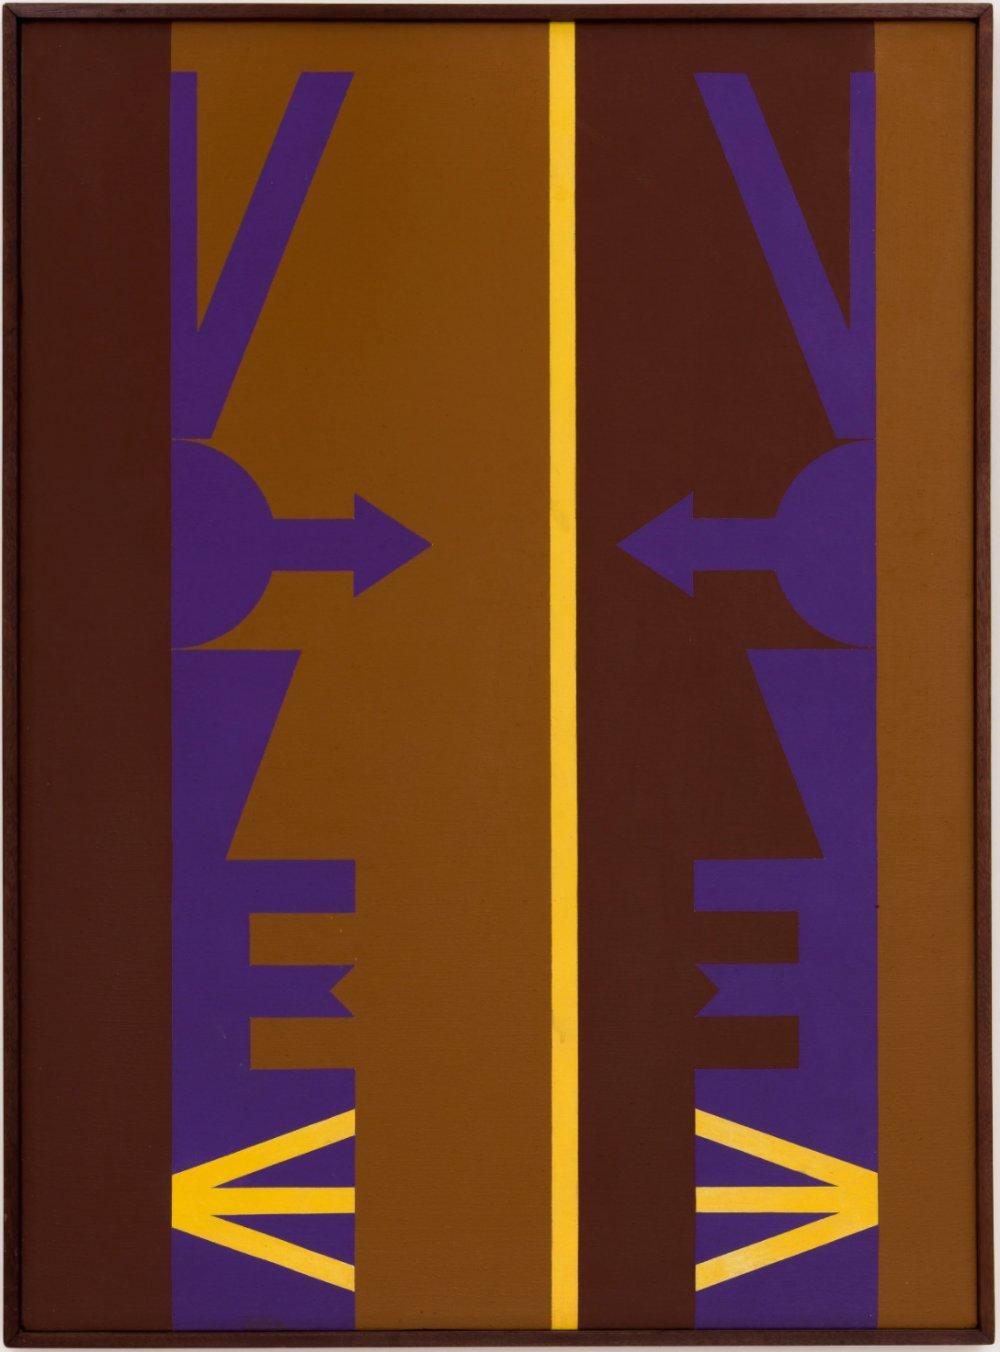 Emblema - 1978